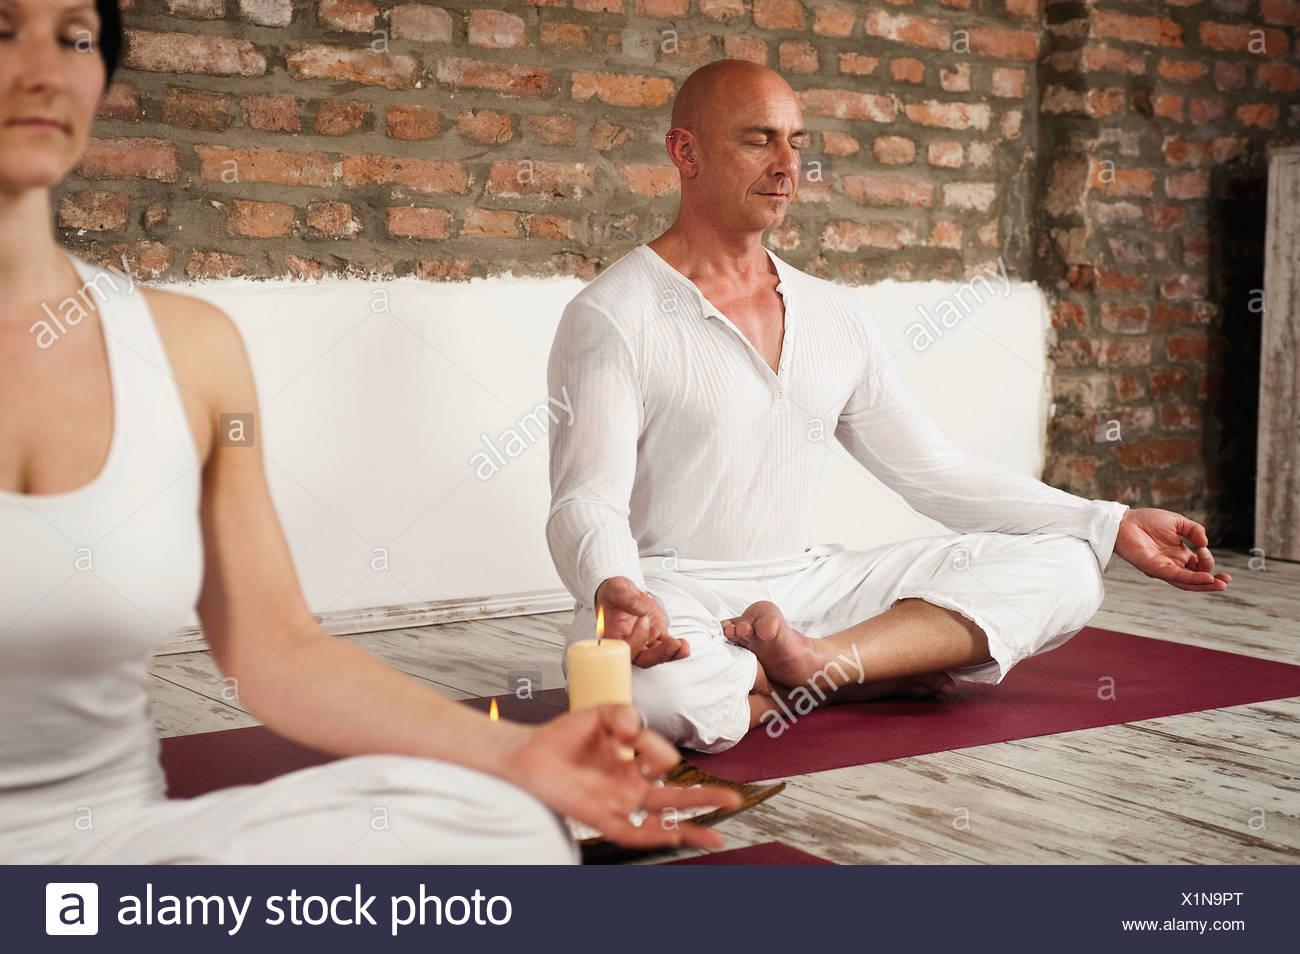 Couple Practising Yoga, Lotus Pose - Stock Image